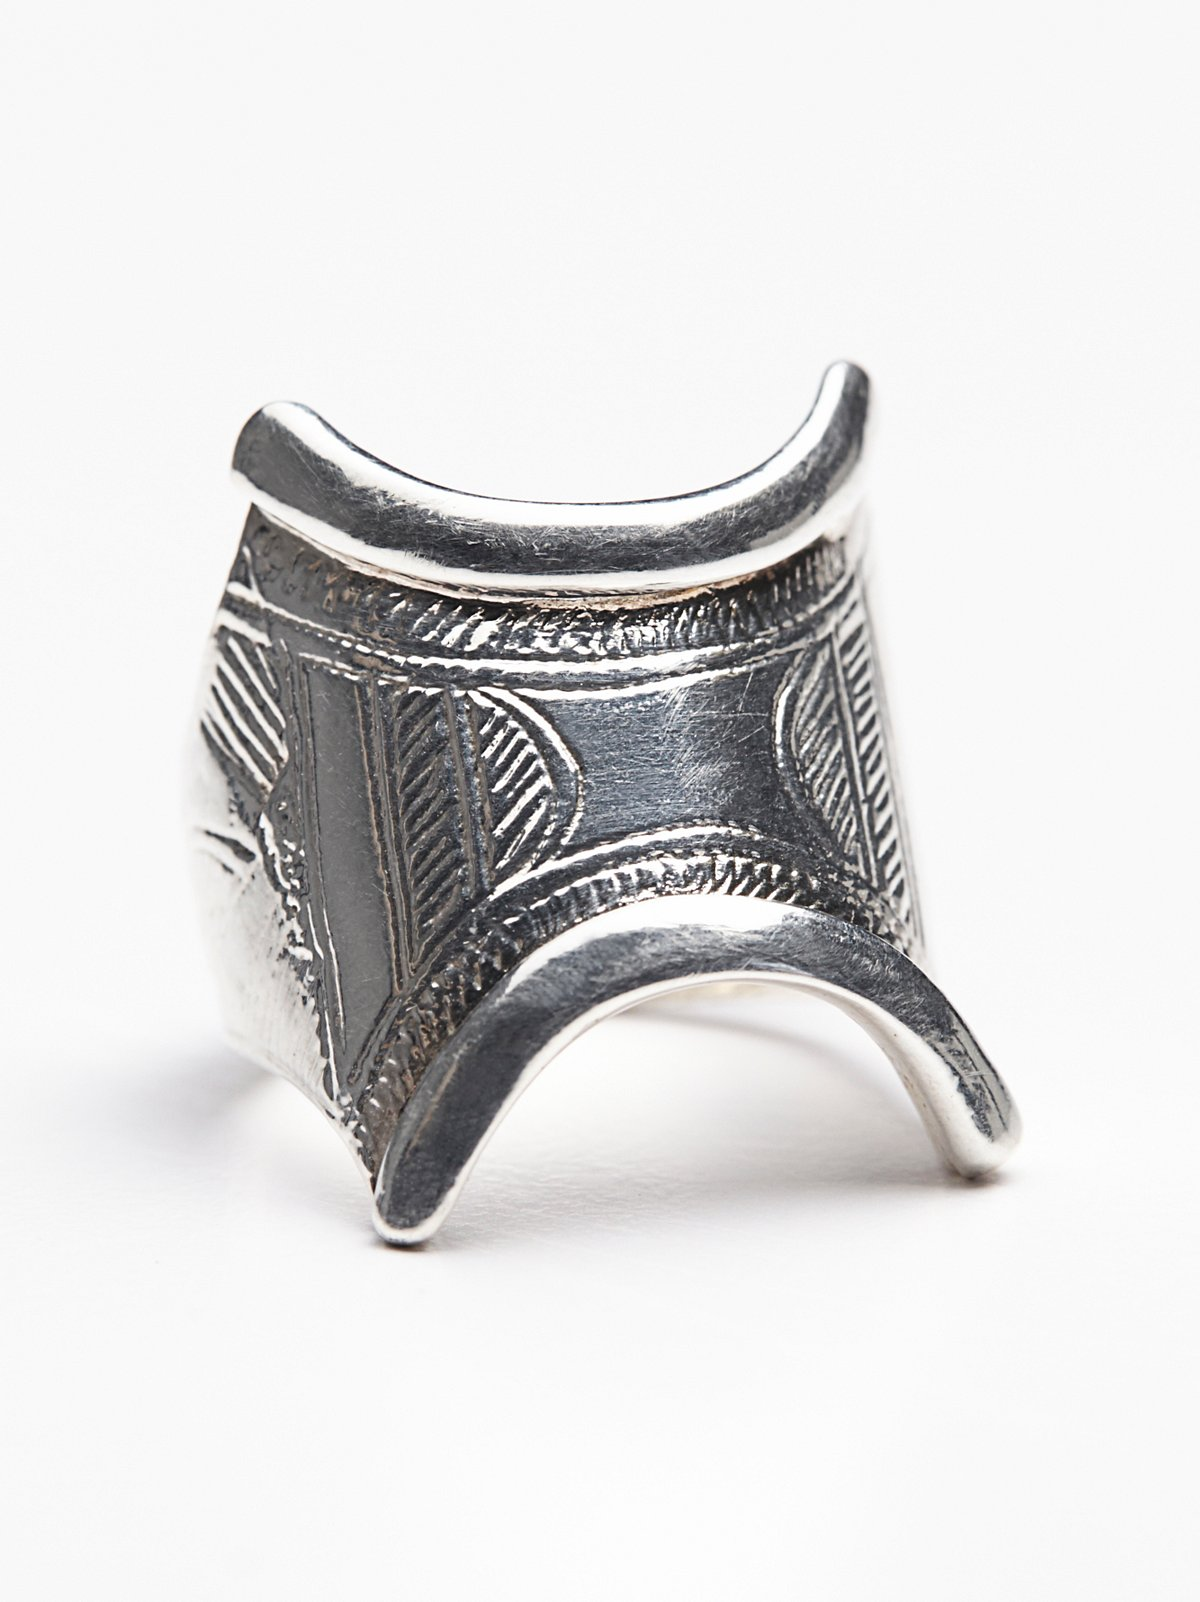 Tassendert戒指